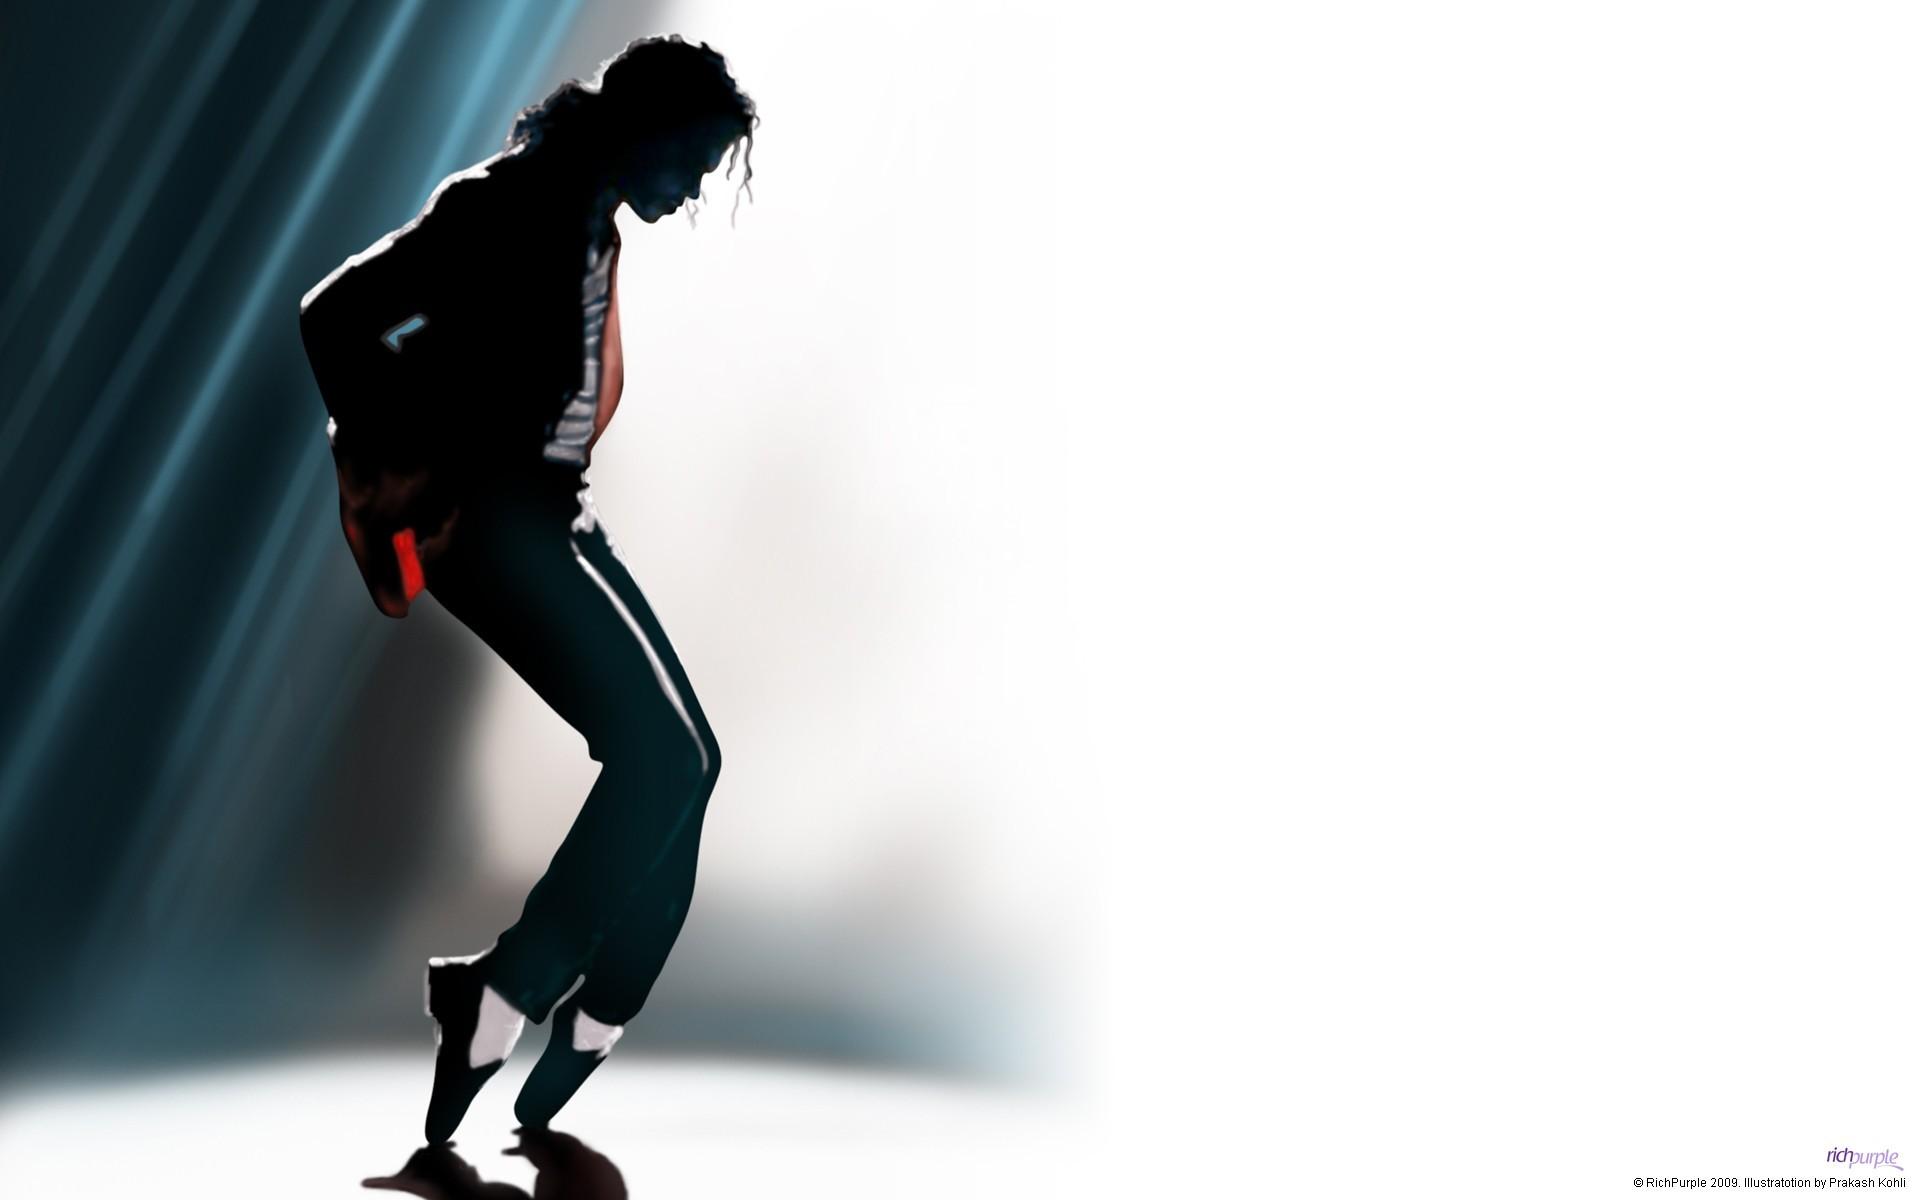 Michael Jackson HD Wallpapers - WallpaperSafari